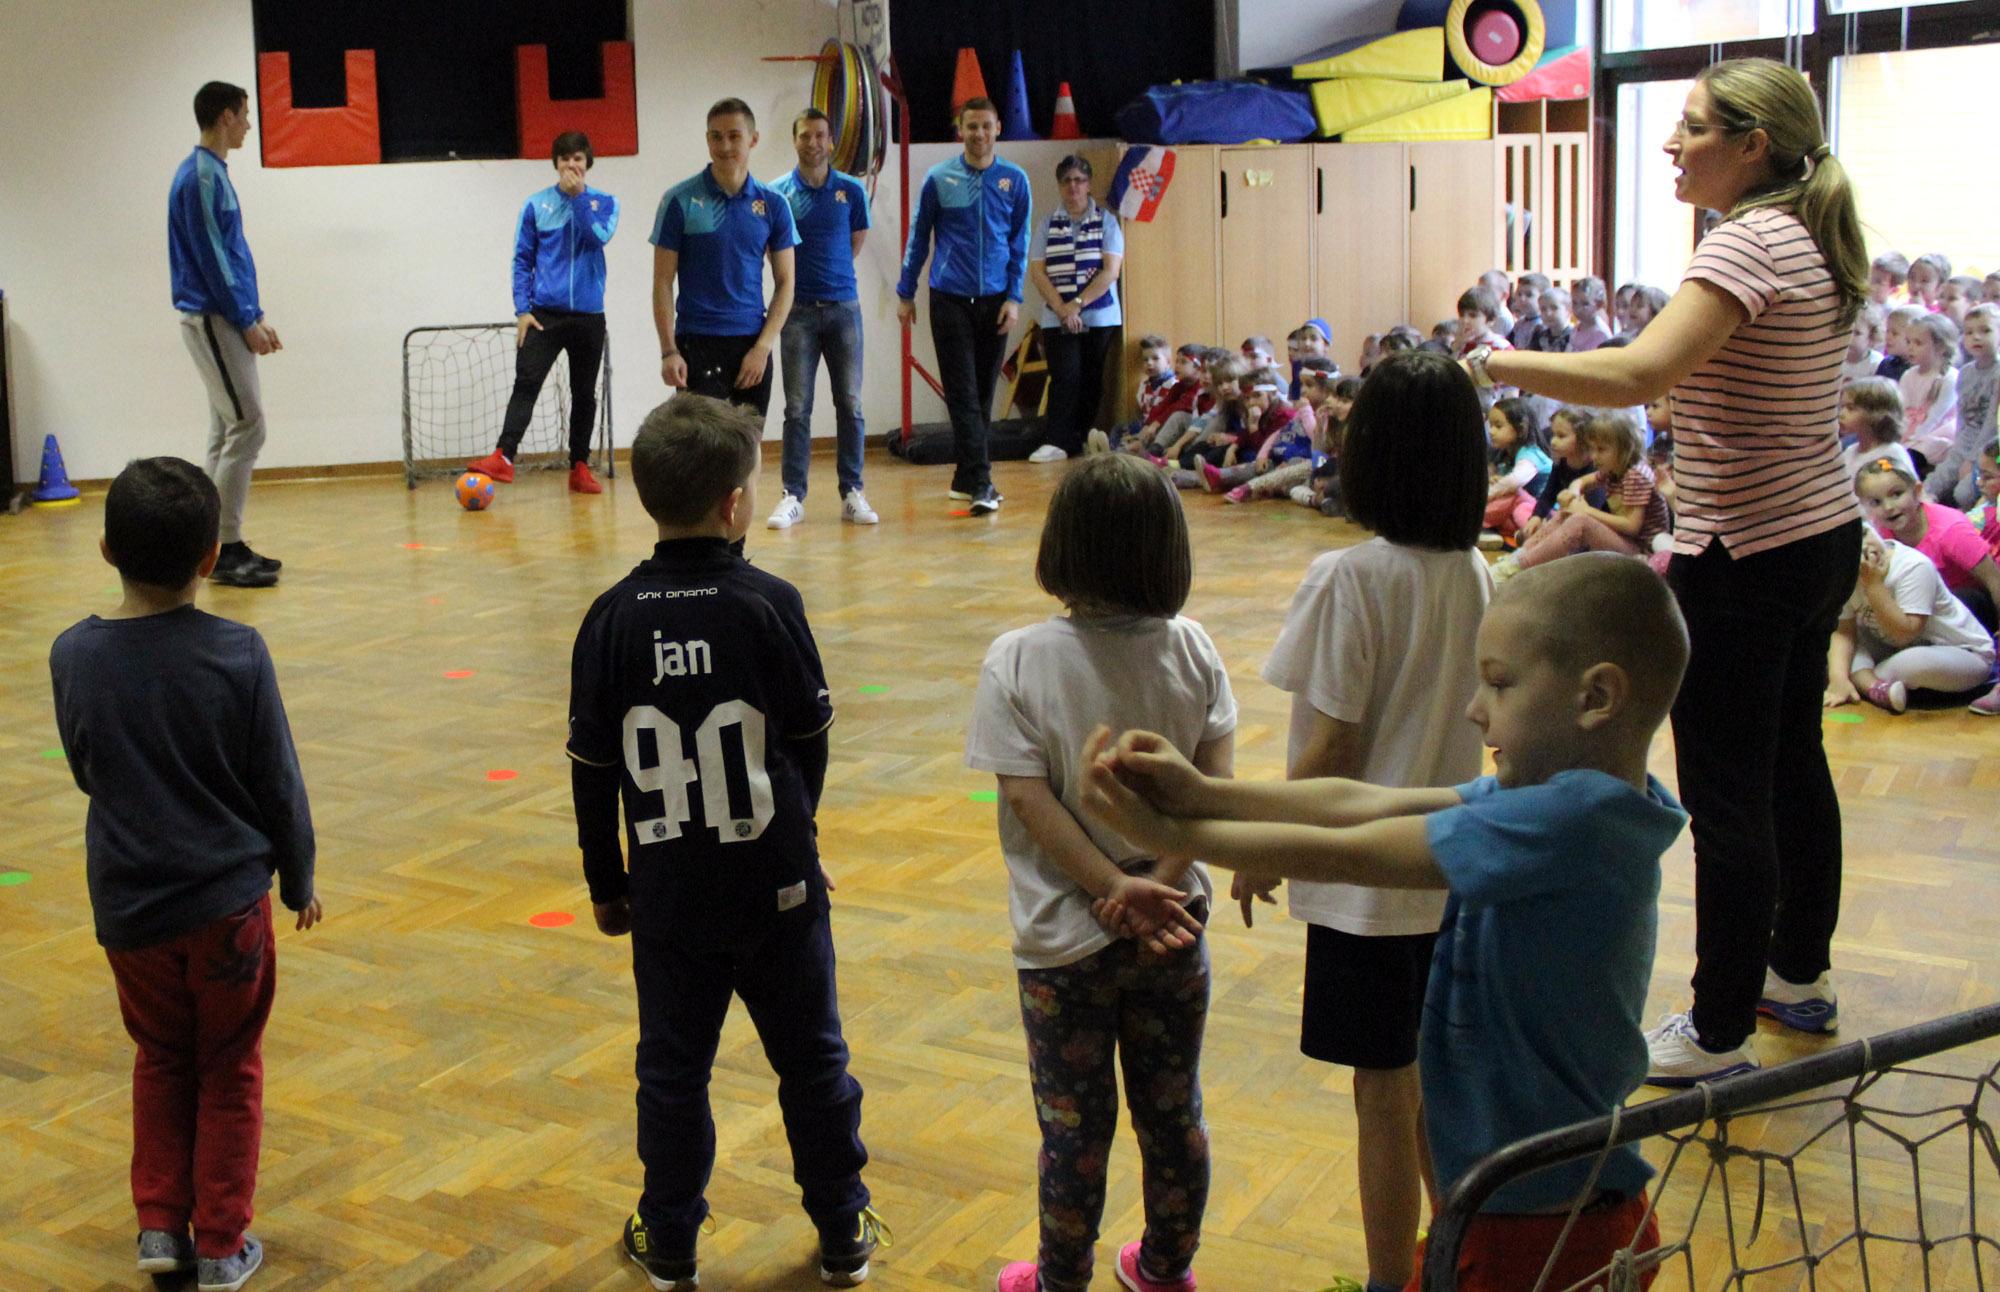 VIDEO: LOŠA UVERTIRA ZA DERBI - Dinamovci posjetili dječji vrtić i izgubili od klinaca